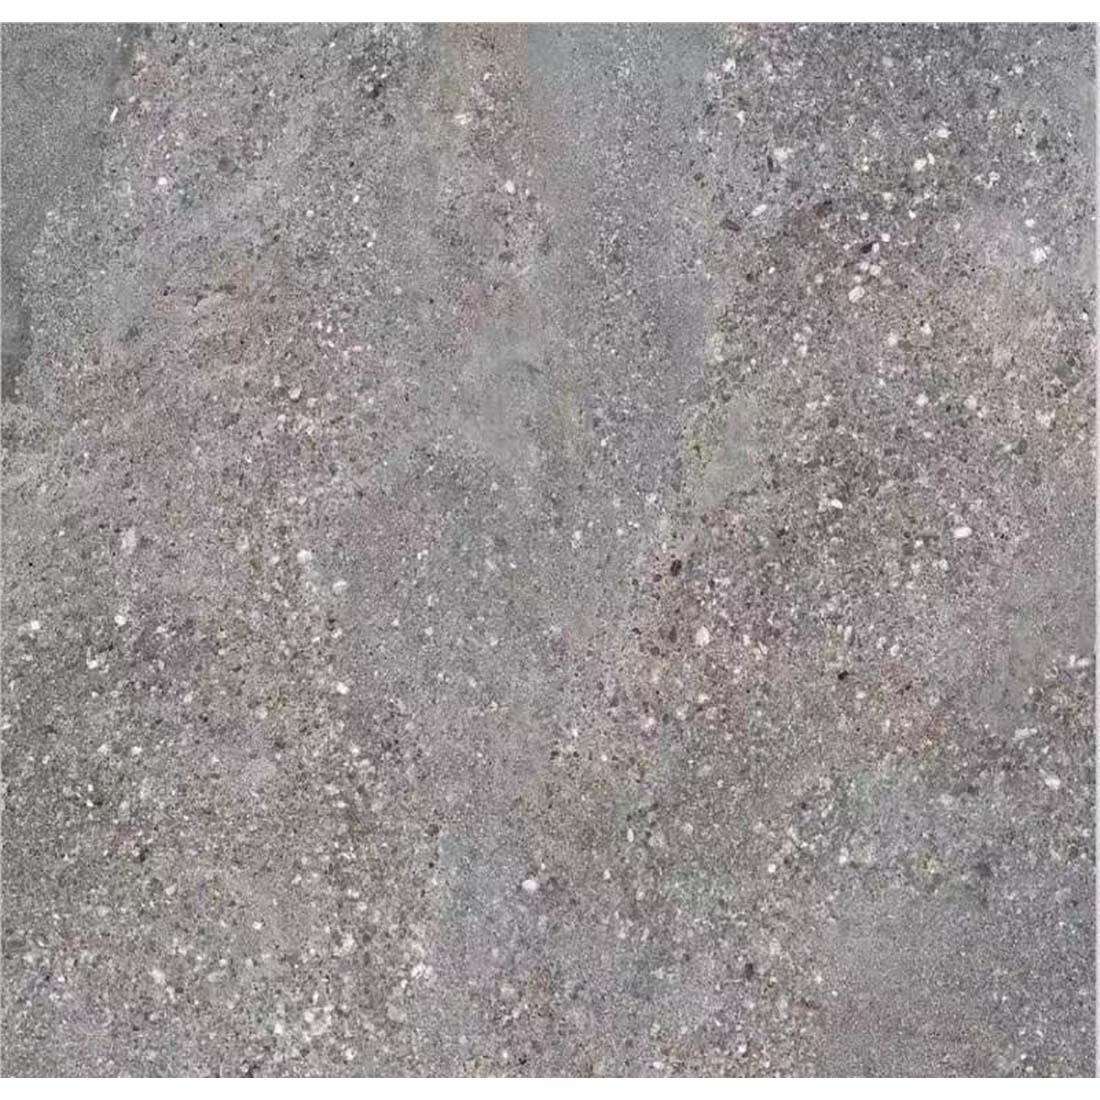 Cristal 60x60 Dark Beige Matt R10 1